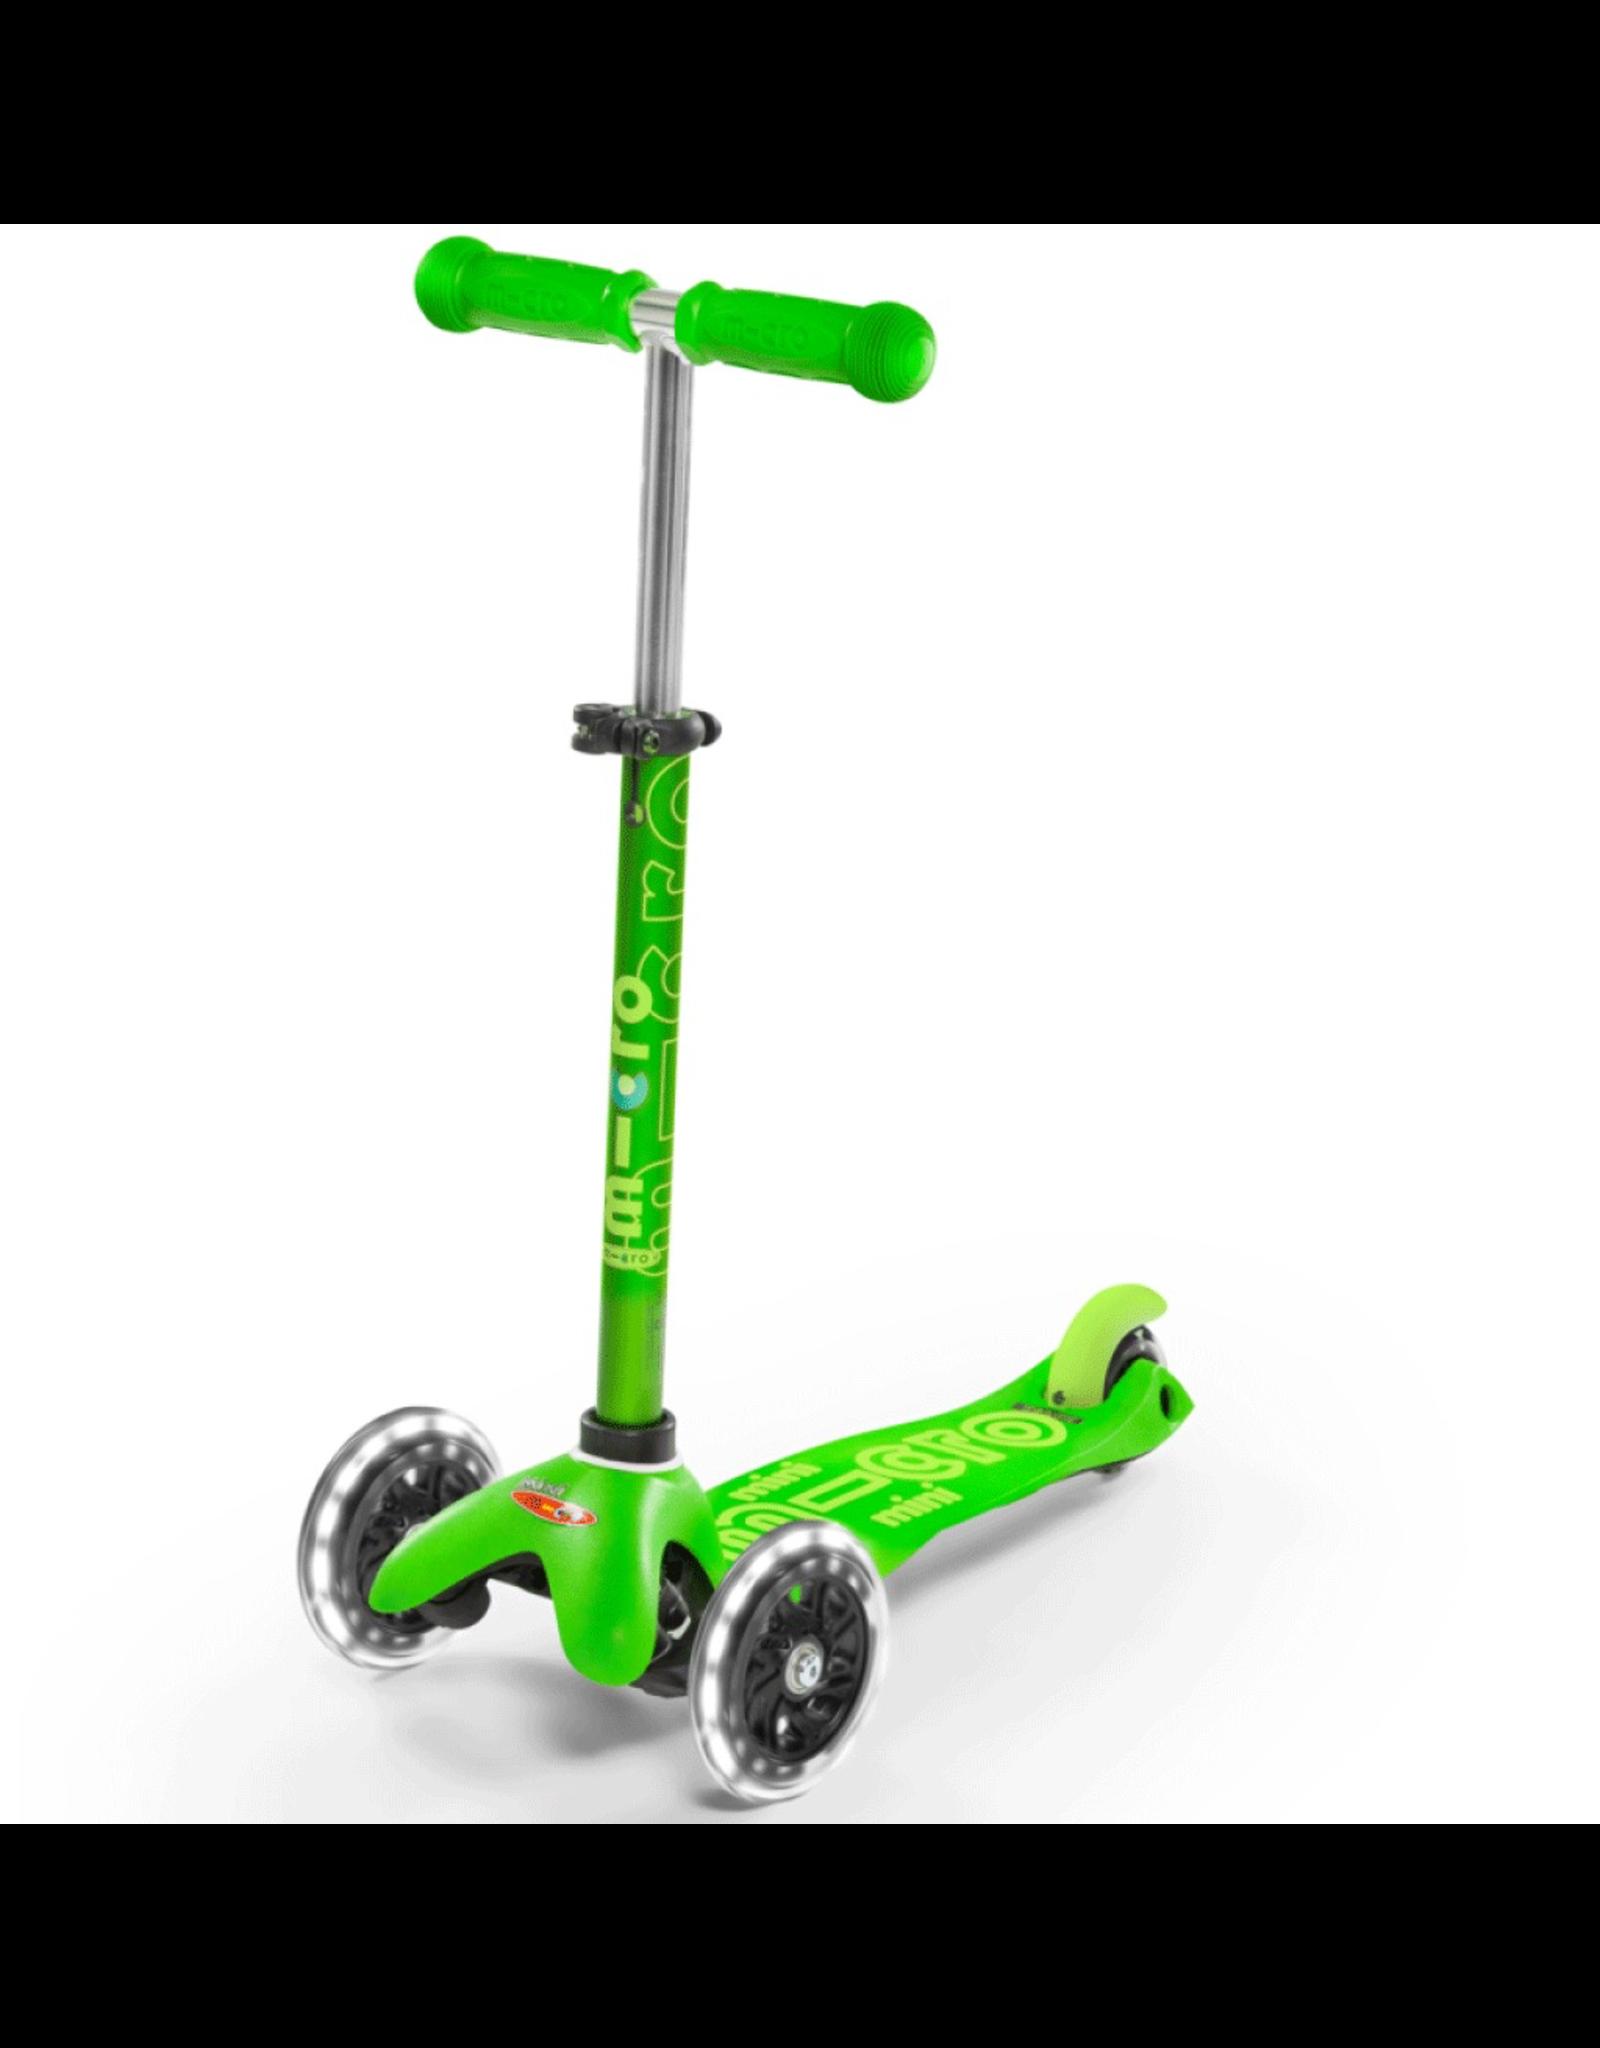 Kickboard MINI MICRO DELUXE LED - GREEN